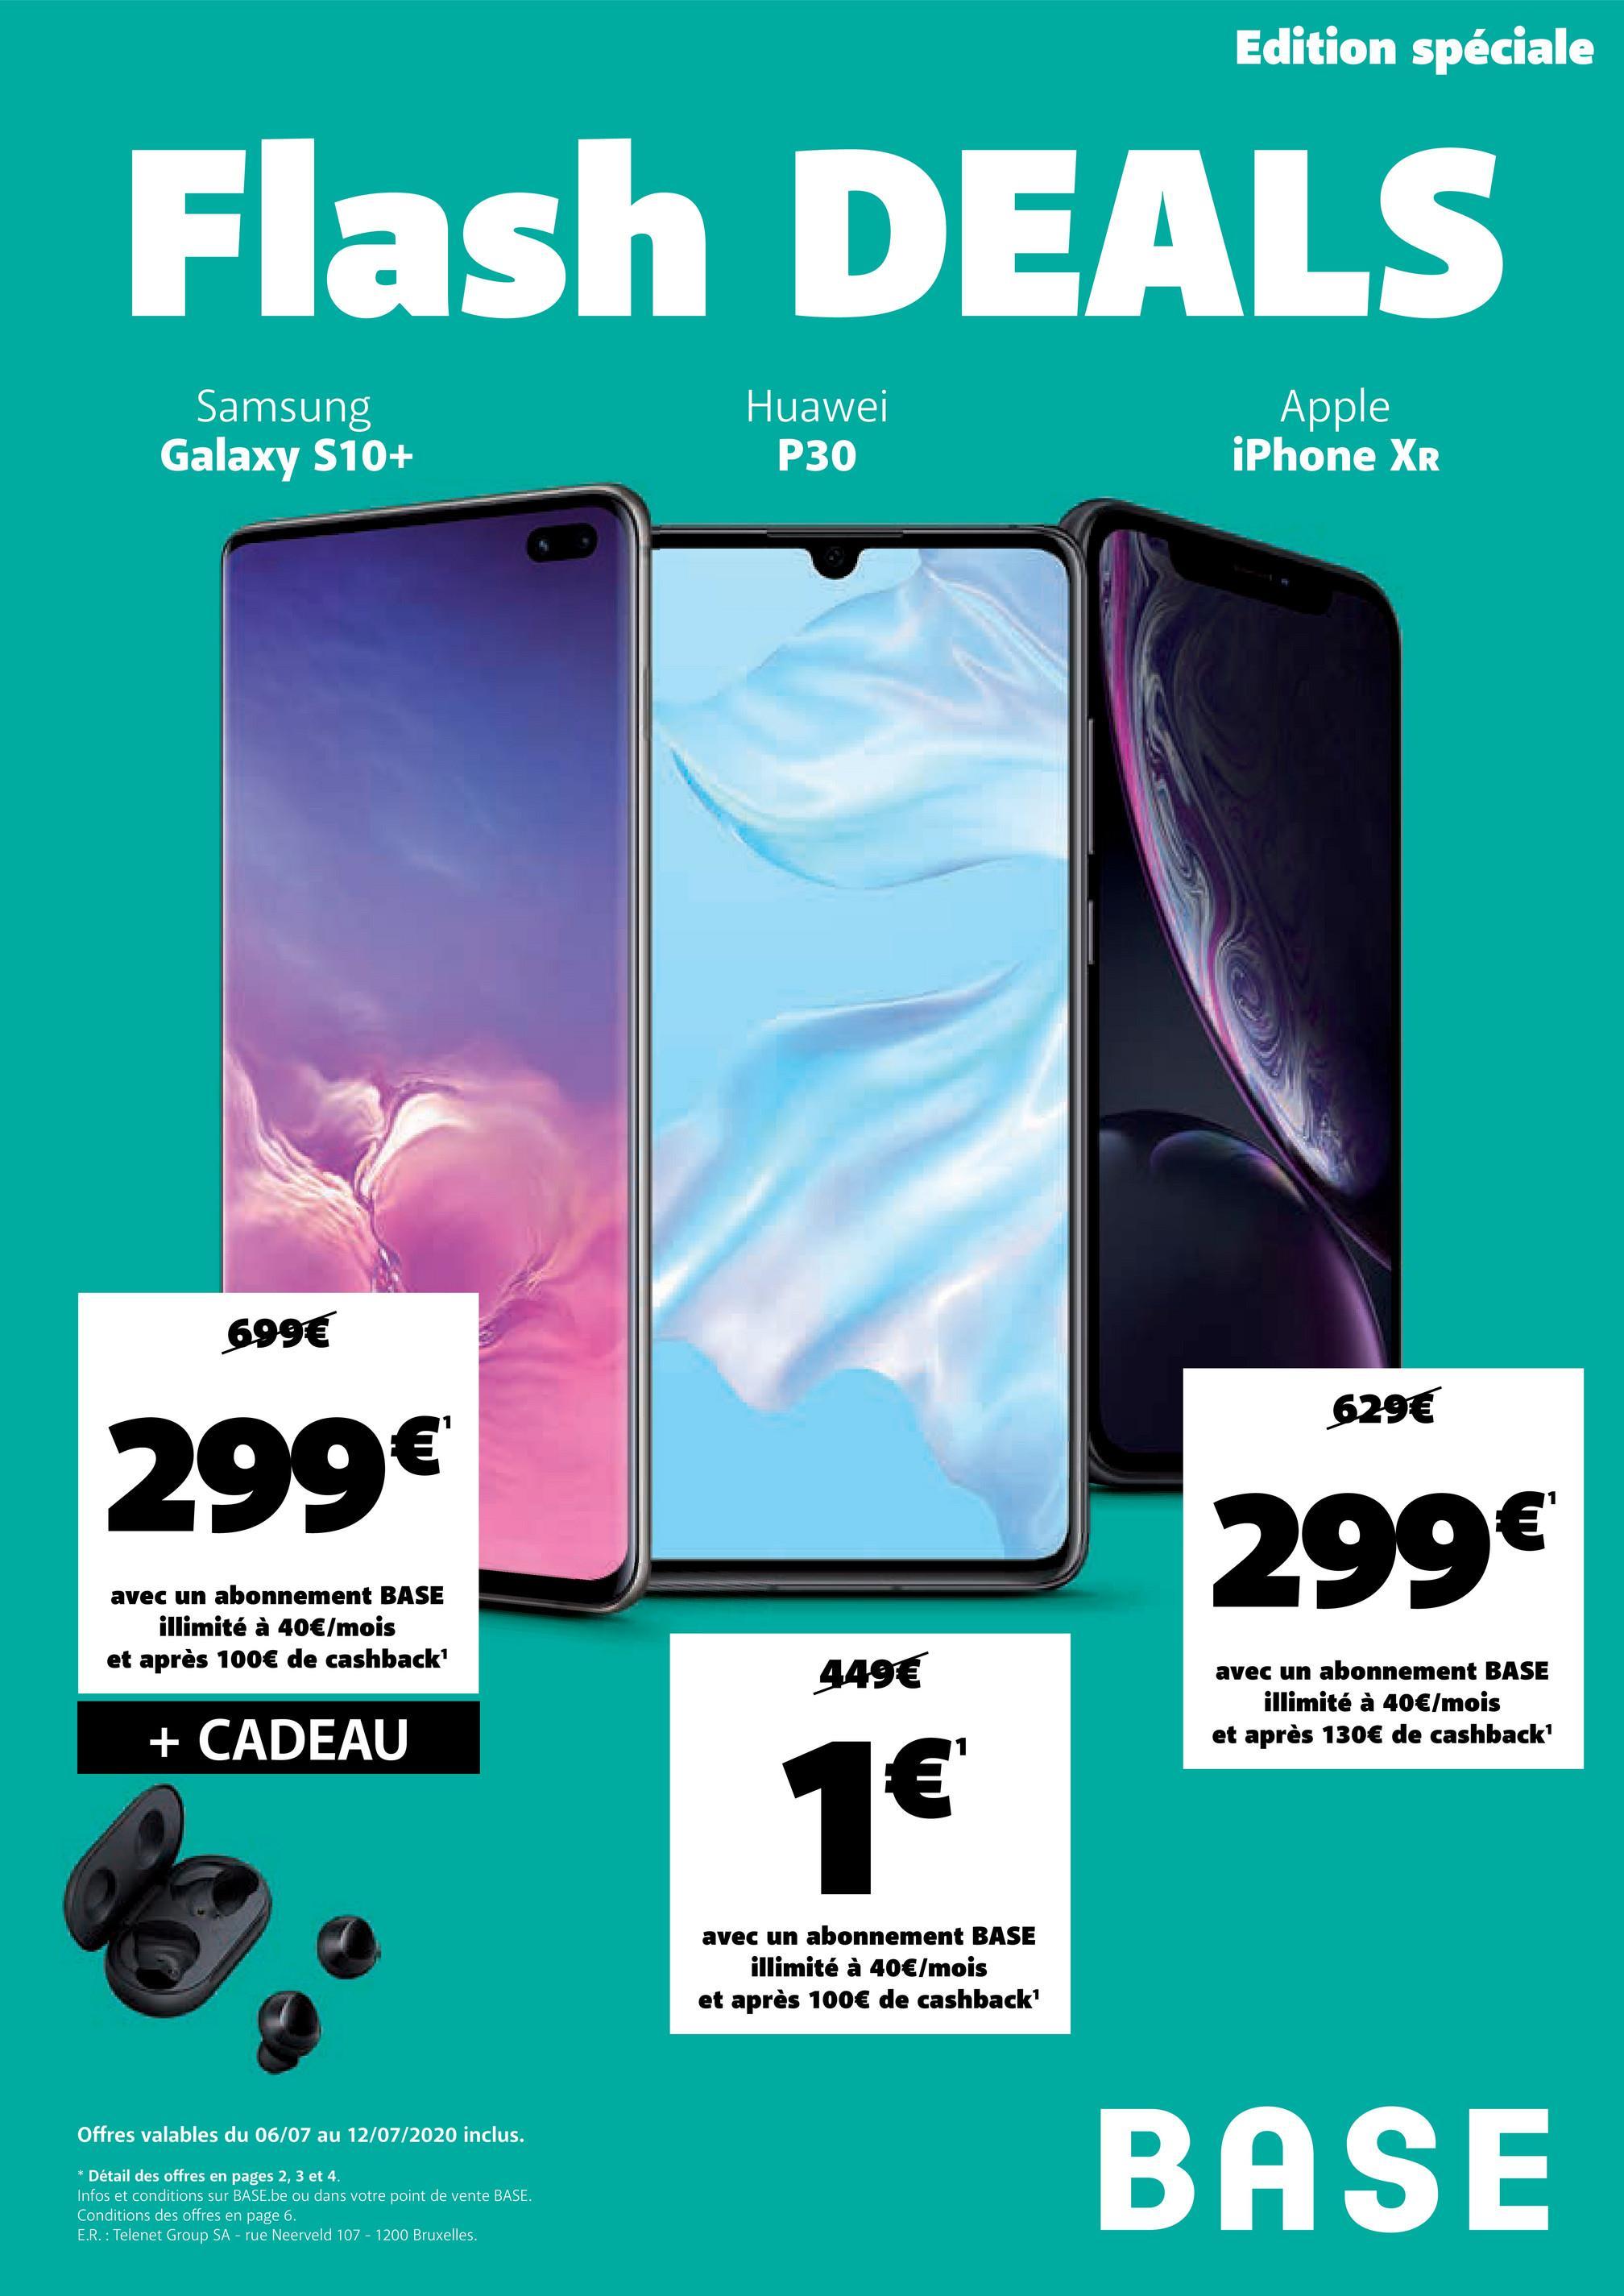 Edition spéciale Flash DEALS Samsung Galaxy S10+ Huawei P30 Apple iPhone XR 699€ 629€ 299€ 299€ avec un abonnement BASE illimité à 40€/mois et après 100€ de cashback' 449€ avec un abonnement BASE illimité à 40€/mois et après 130€ de cashback' + CADEAU 1€ € avec un abonnement BASE illimité à 40€/mois et après 100€ de cashback' Offres valables du 06/07 au 12/07/2020 inclus. * Détail des offres en pages 2, 3 et 4. Infos et conditions sur BASE.be ou dans votre point de vente BASE. Conditions des offres en page 6. E.R. : Telenet Group SA - rue Neerveld 107 - 1200 Bruxelles. BASE